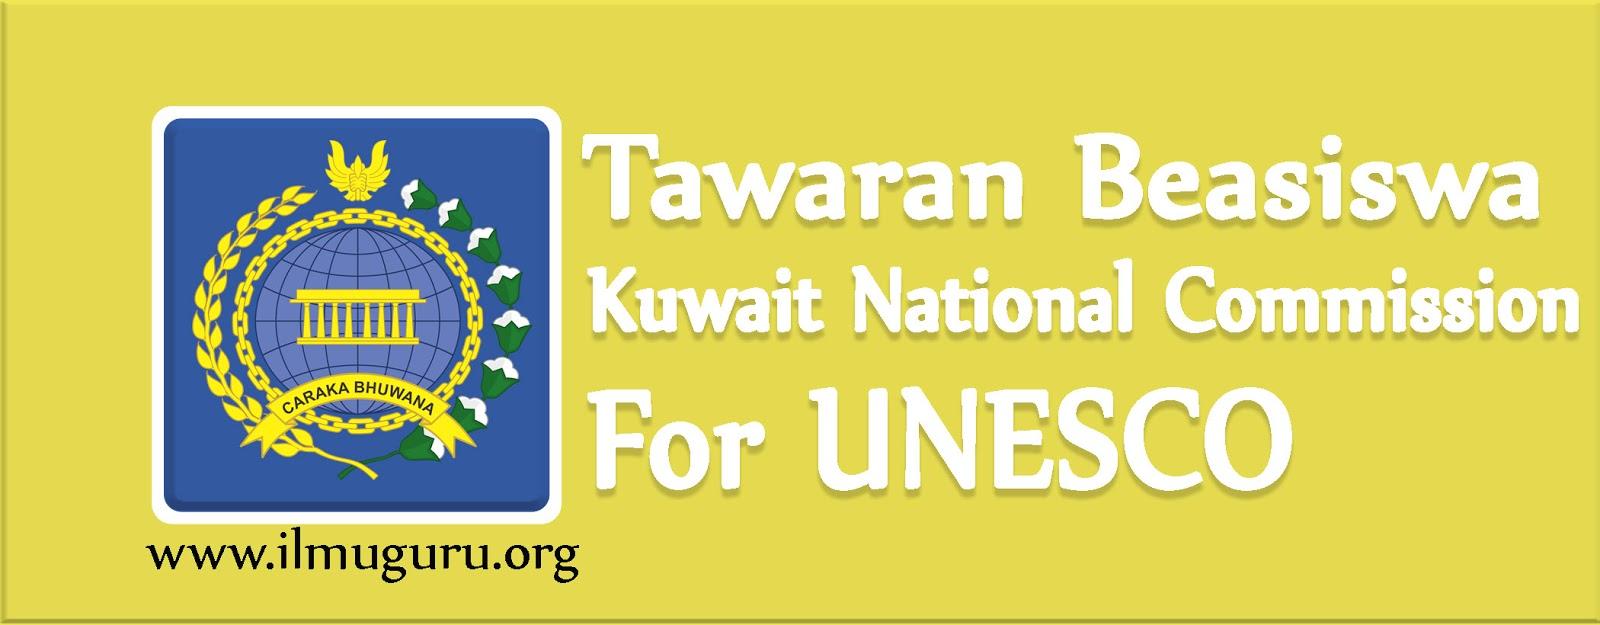 Beasiswa Kuwait dari Unesco